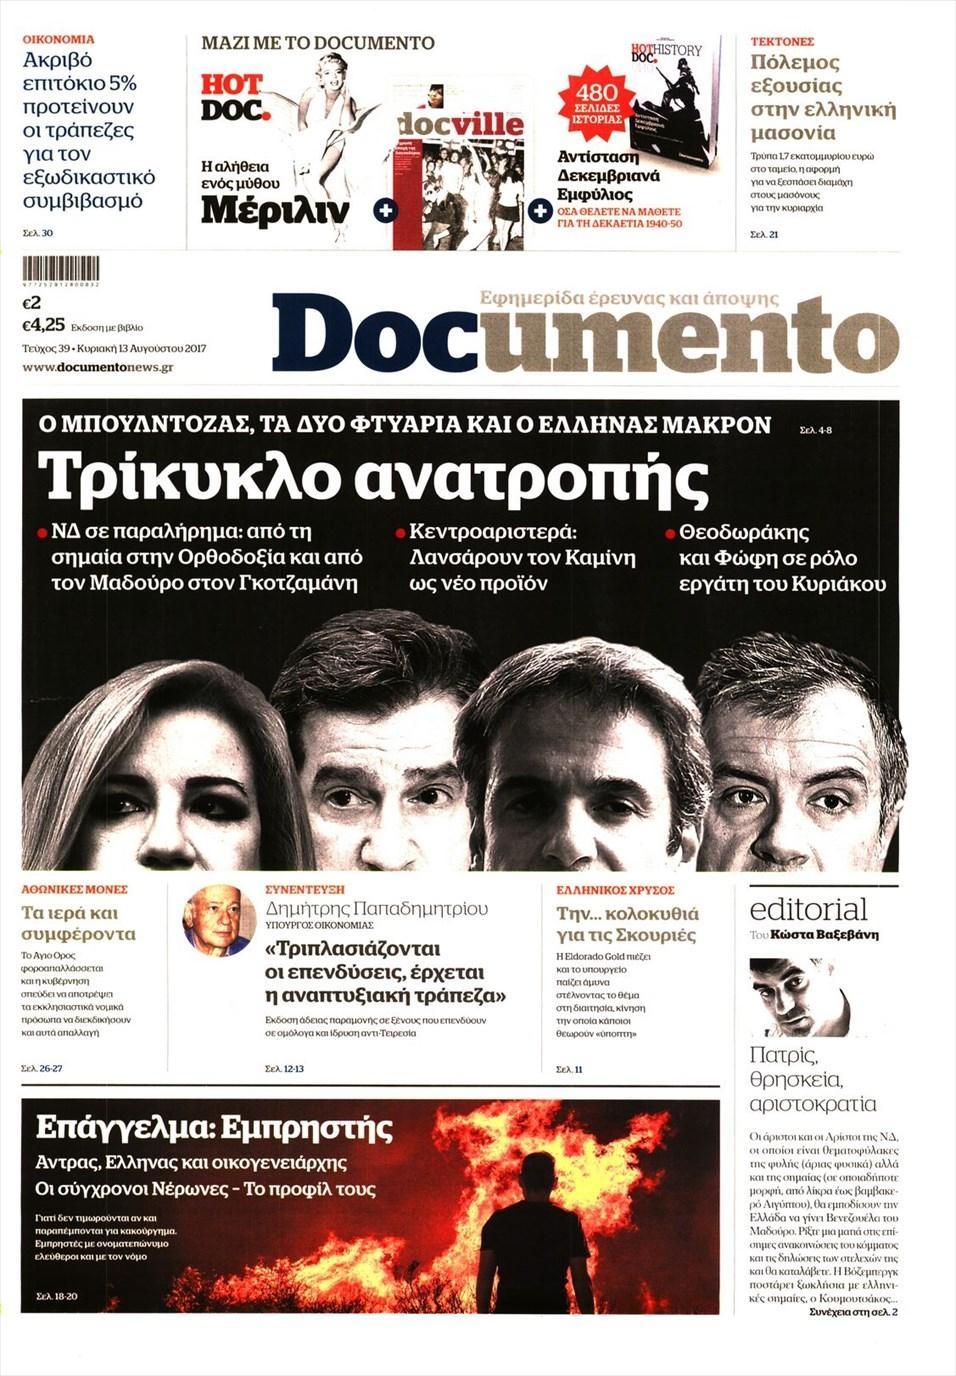 Πρωτοσέλιδο εφημερίδας Documento